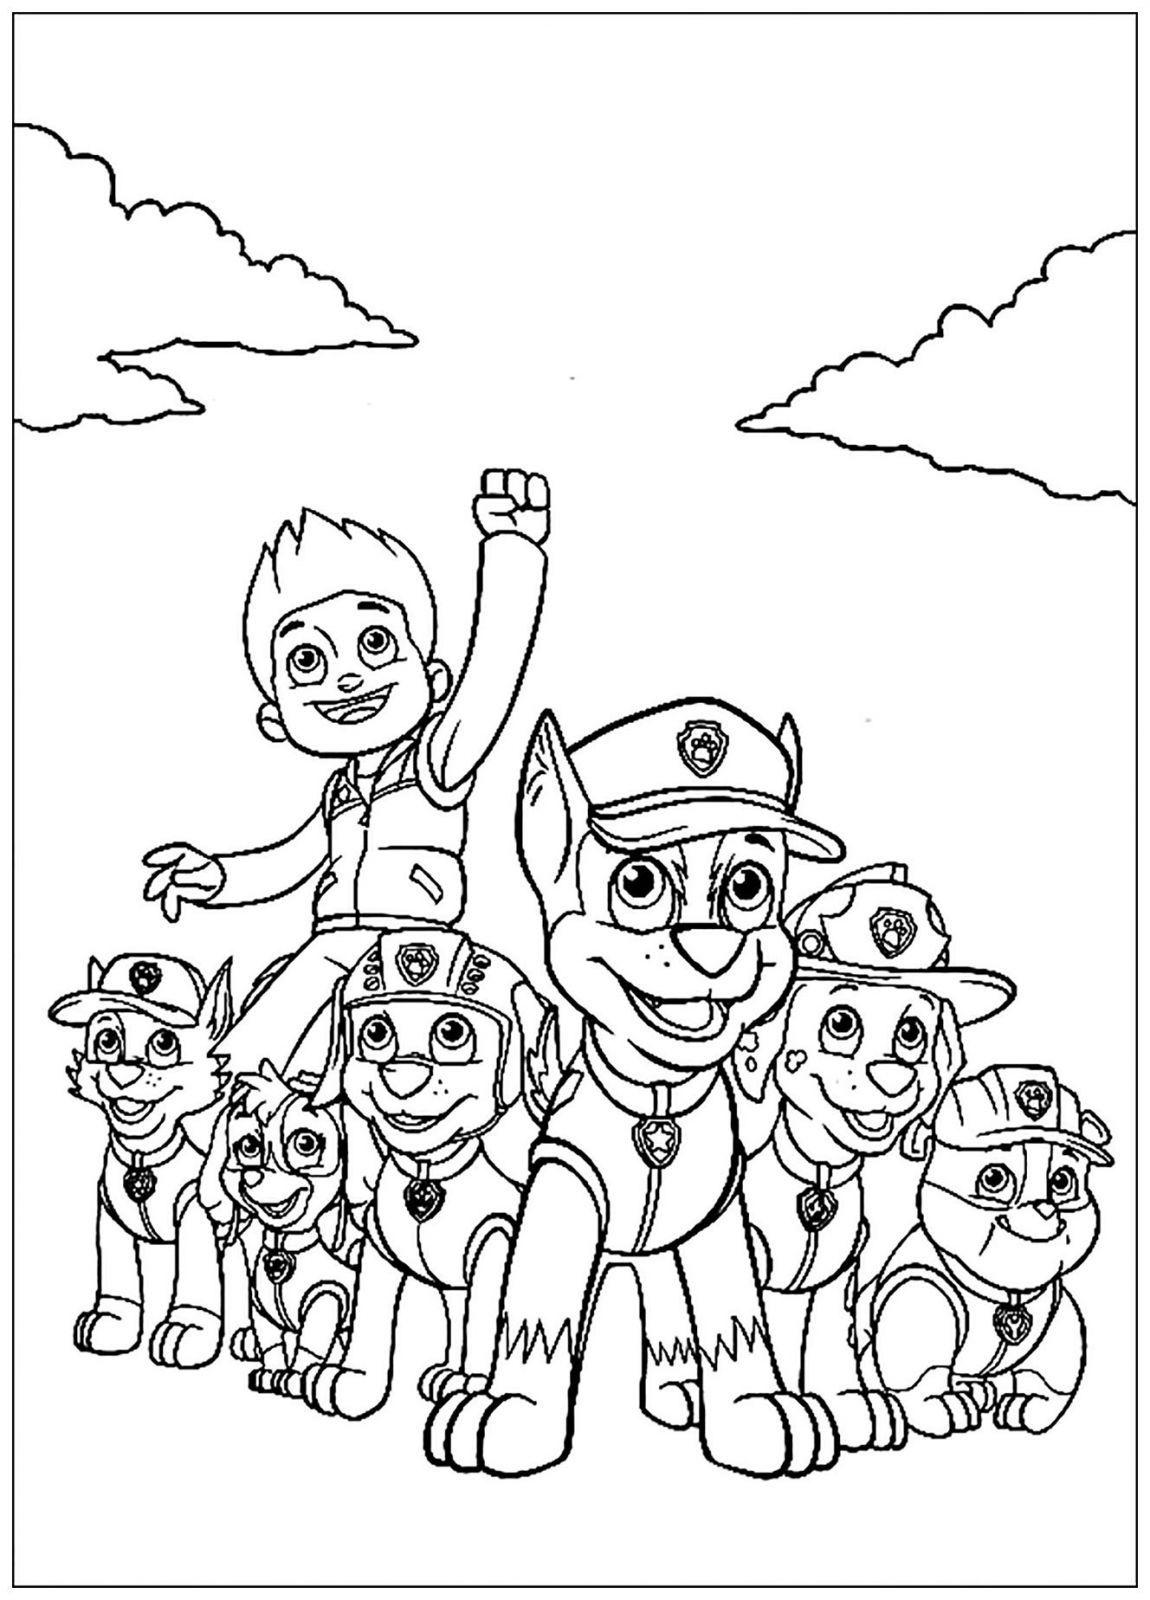 Coloriage Pat Patrouille Piscine Dessin Pat Patrouille Coloriage Pat Patrouille Pat Patrouille A Colorier